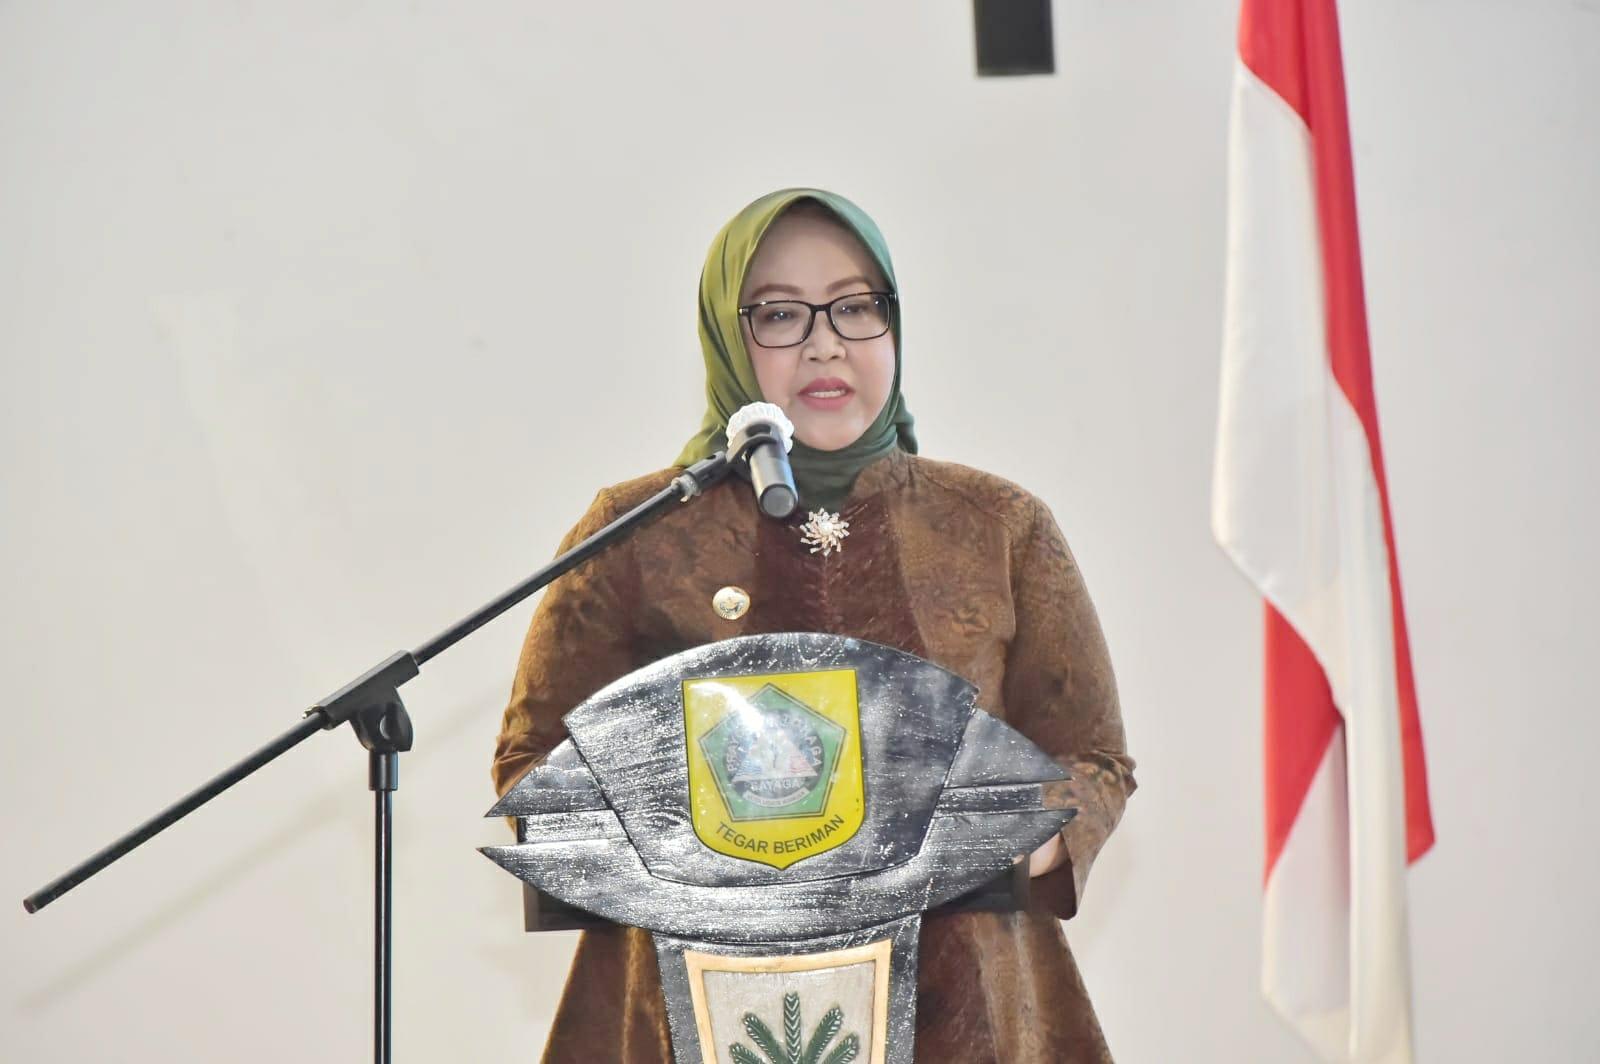 Pemkab Bogor menggelontorkan APBD sebesar 2,325 Miliar Untuk Menyelesaikan TMMD 112 di Klapanunggal